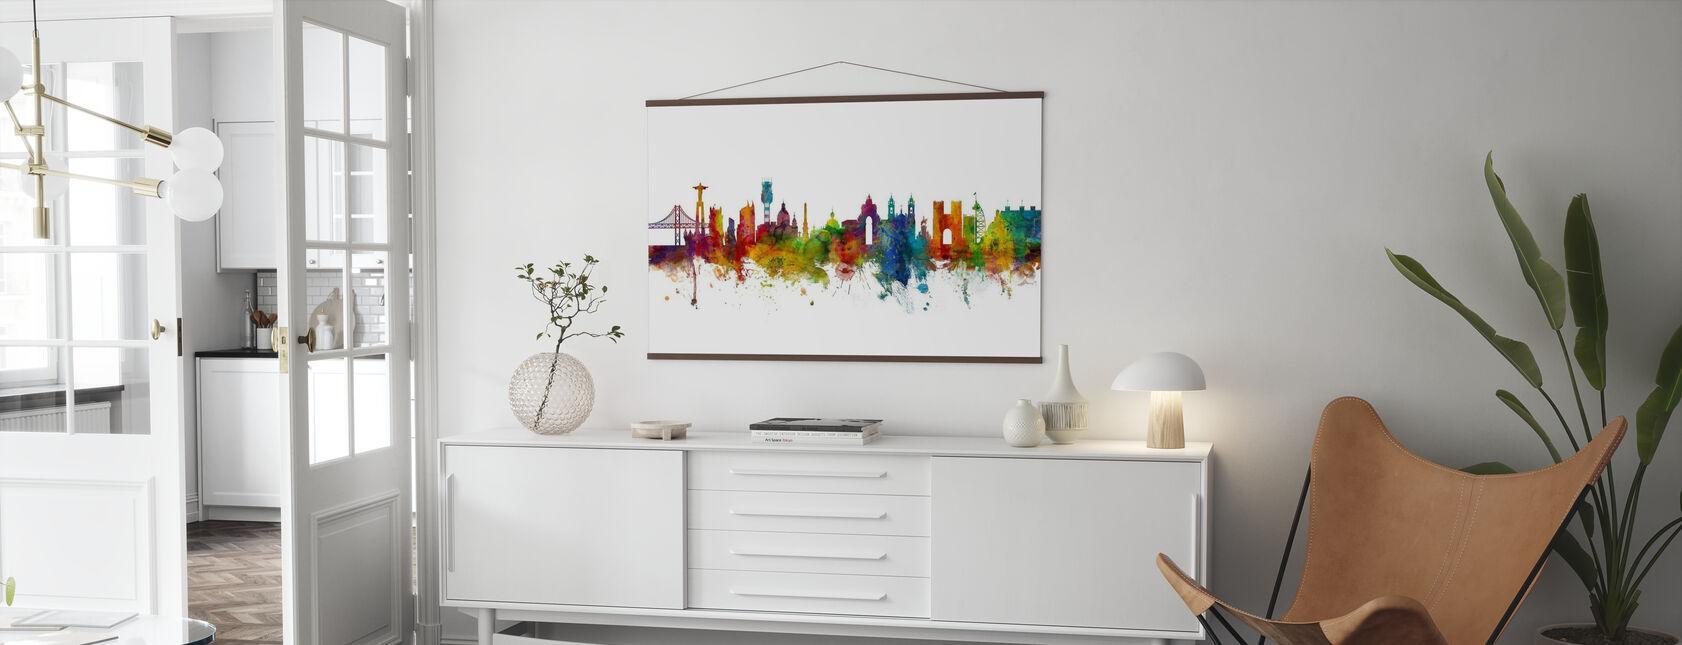 Skyline von Lissabon - Poster - Wohnzimmer